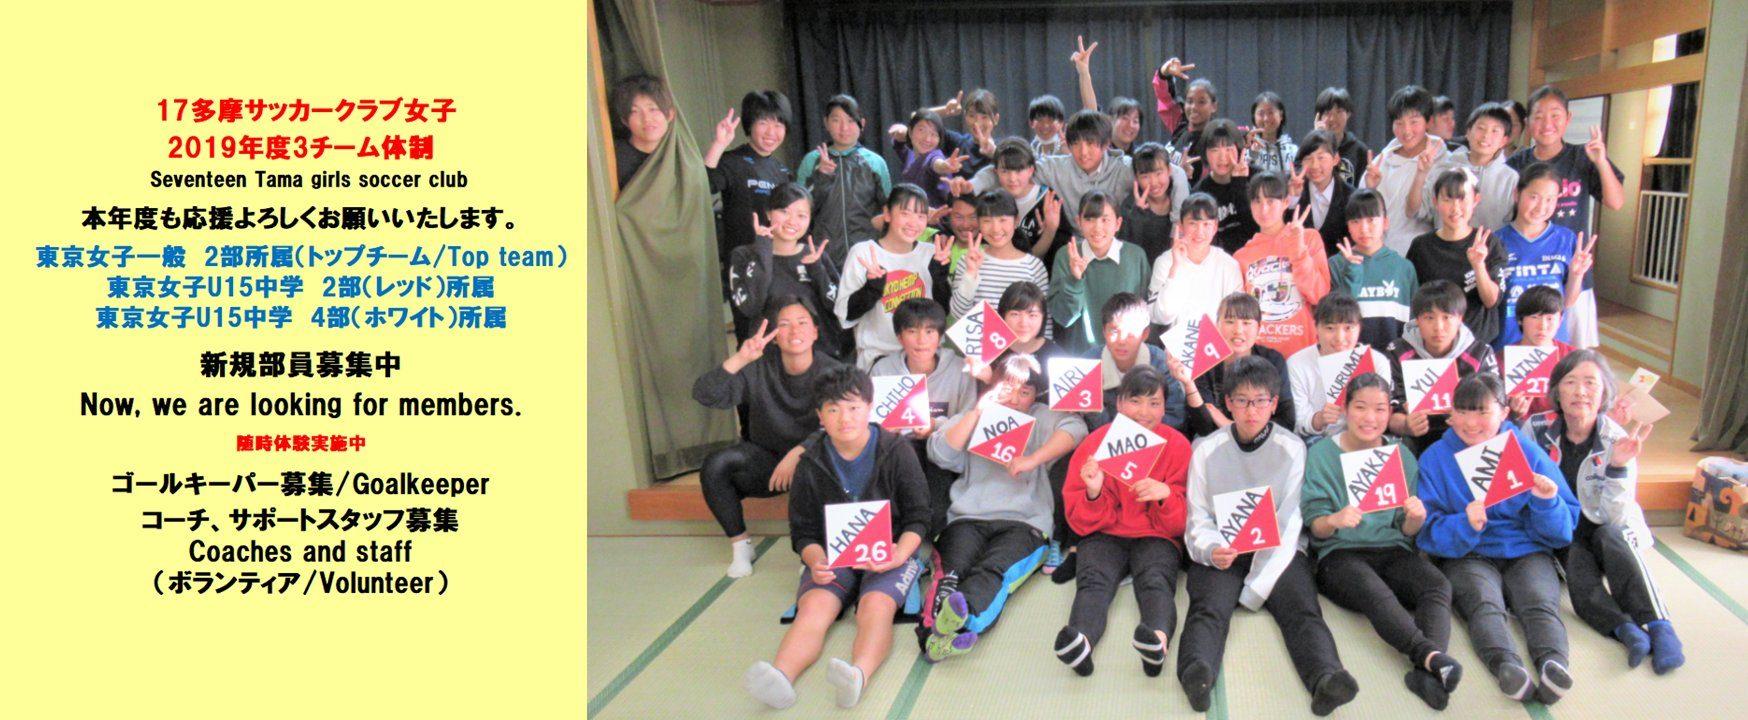 17多摩サッカークラブ女子|東京都女子U15中学生~一般(多摩市)|公式サイト